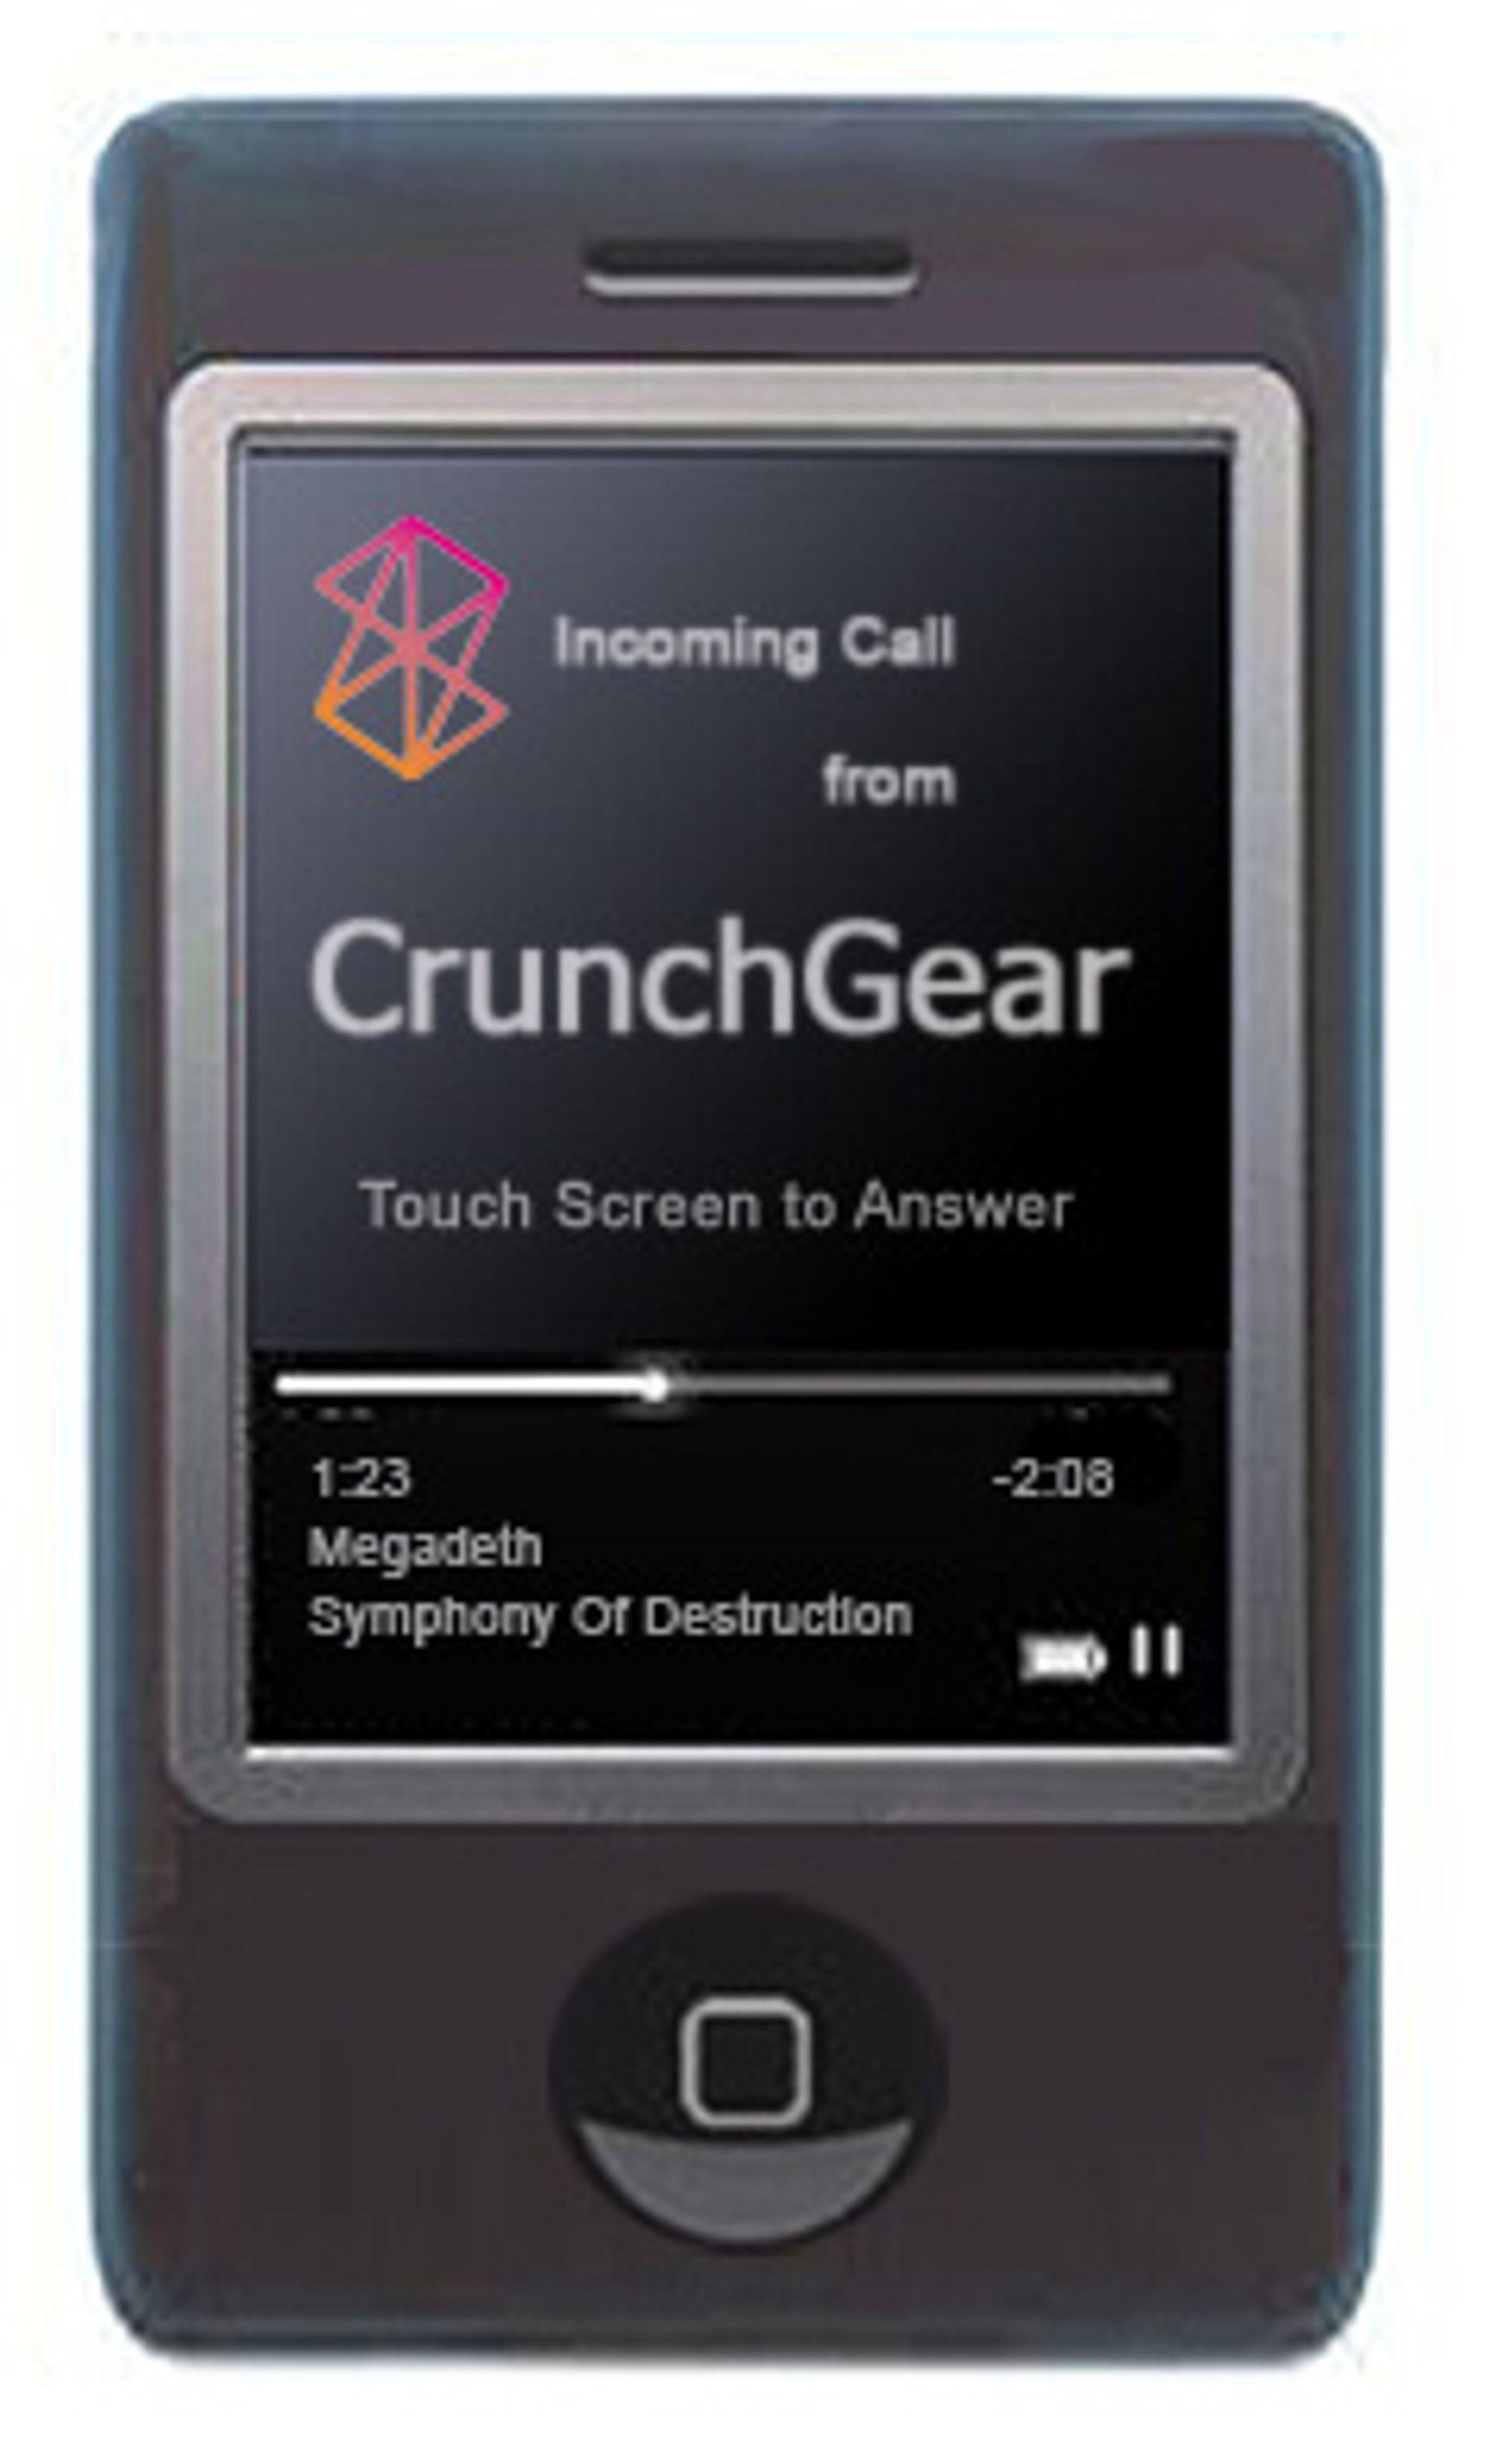 Kanskje vil Zune-telefonen se slik ut? (Bilde: Crunch Gear)